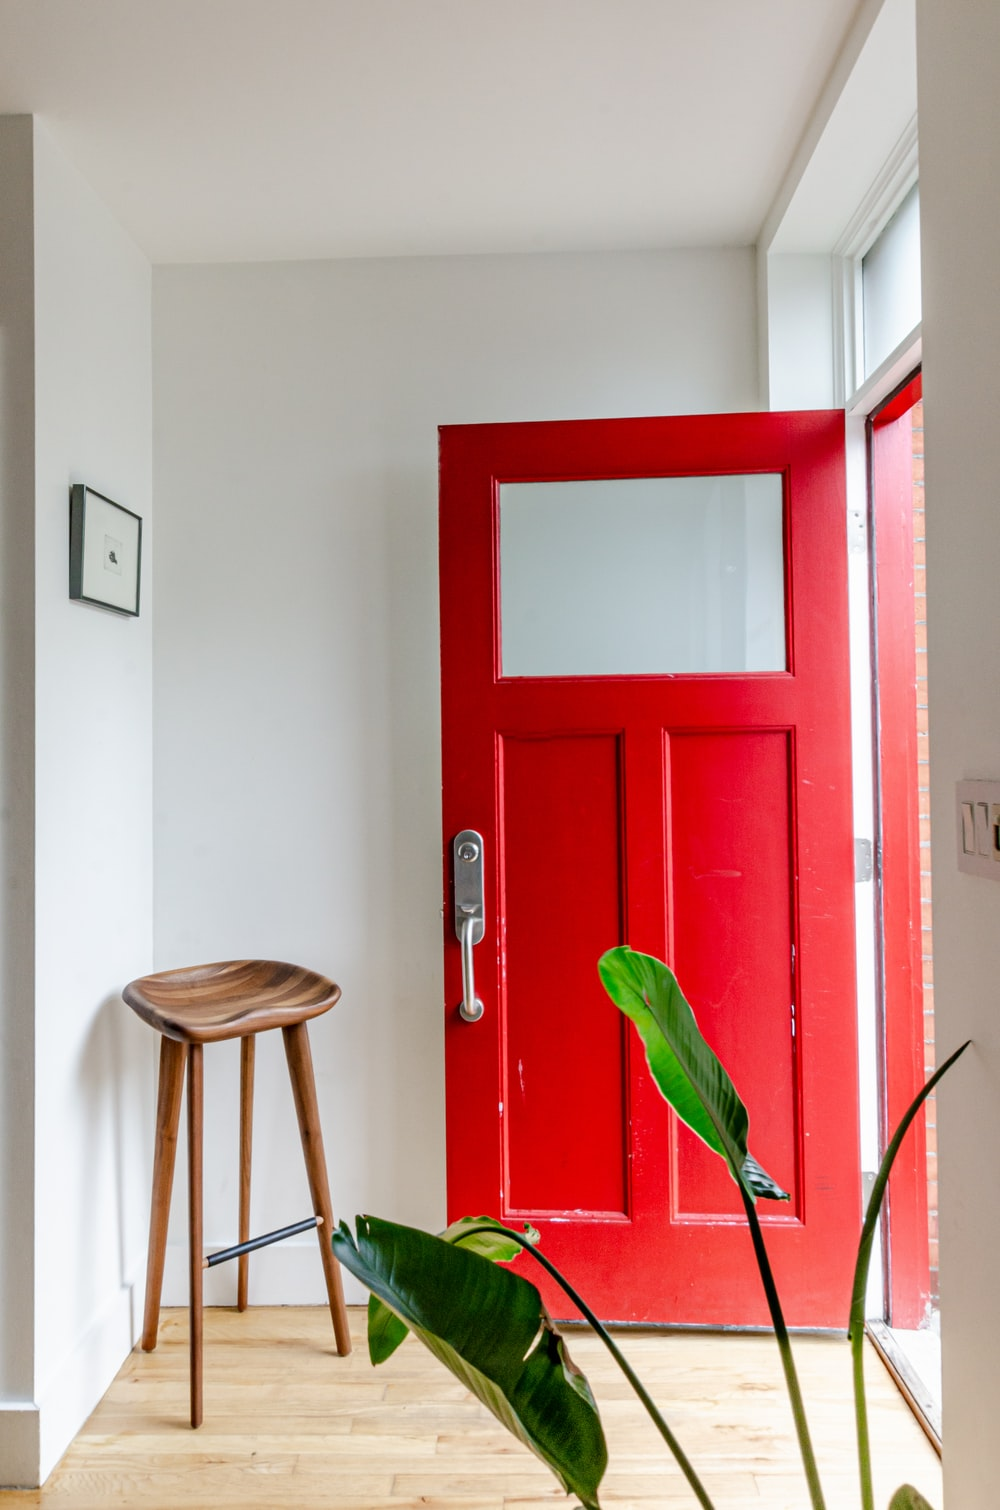 green plant on brown wooden door